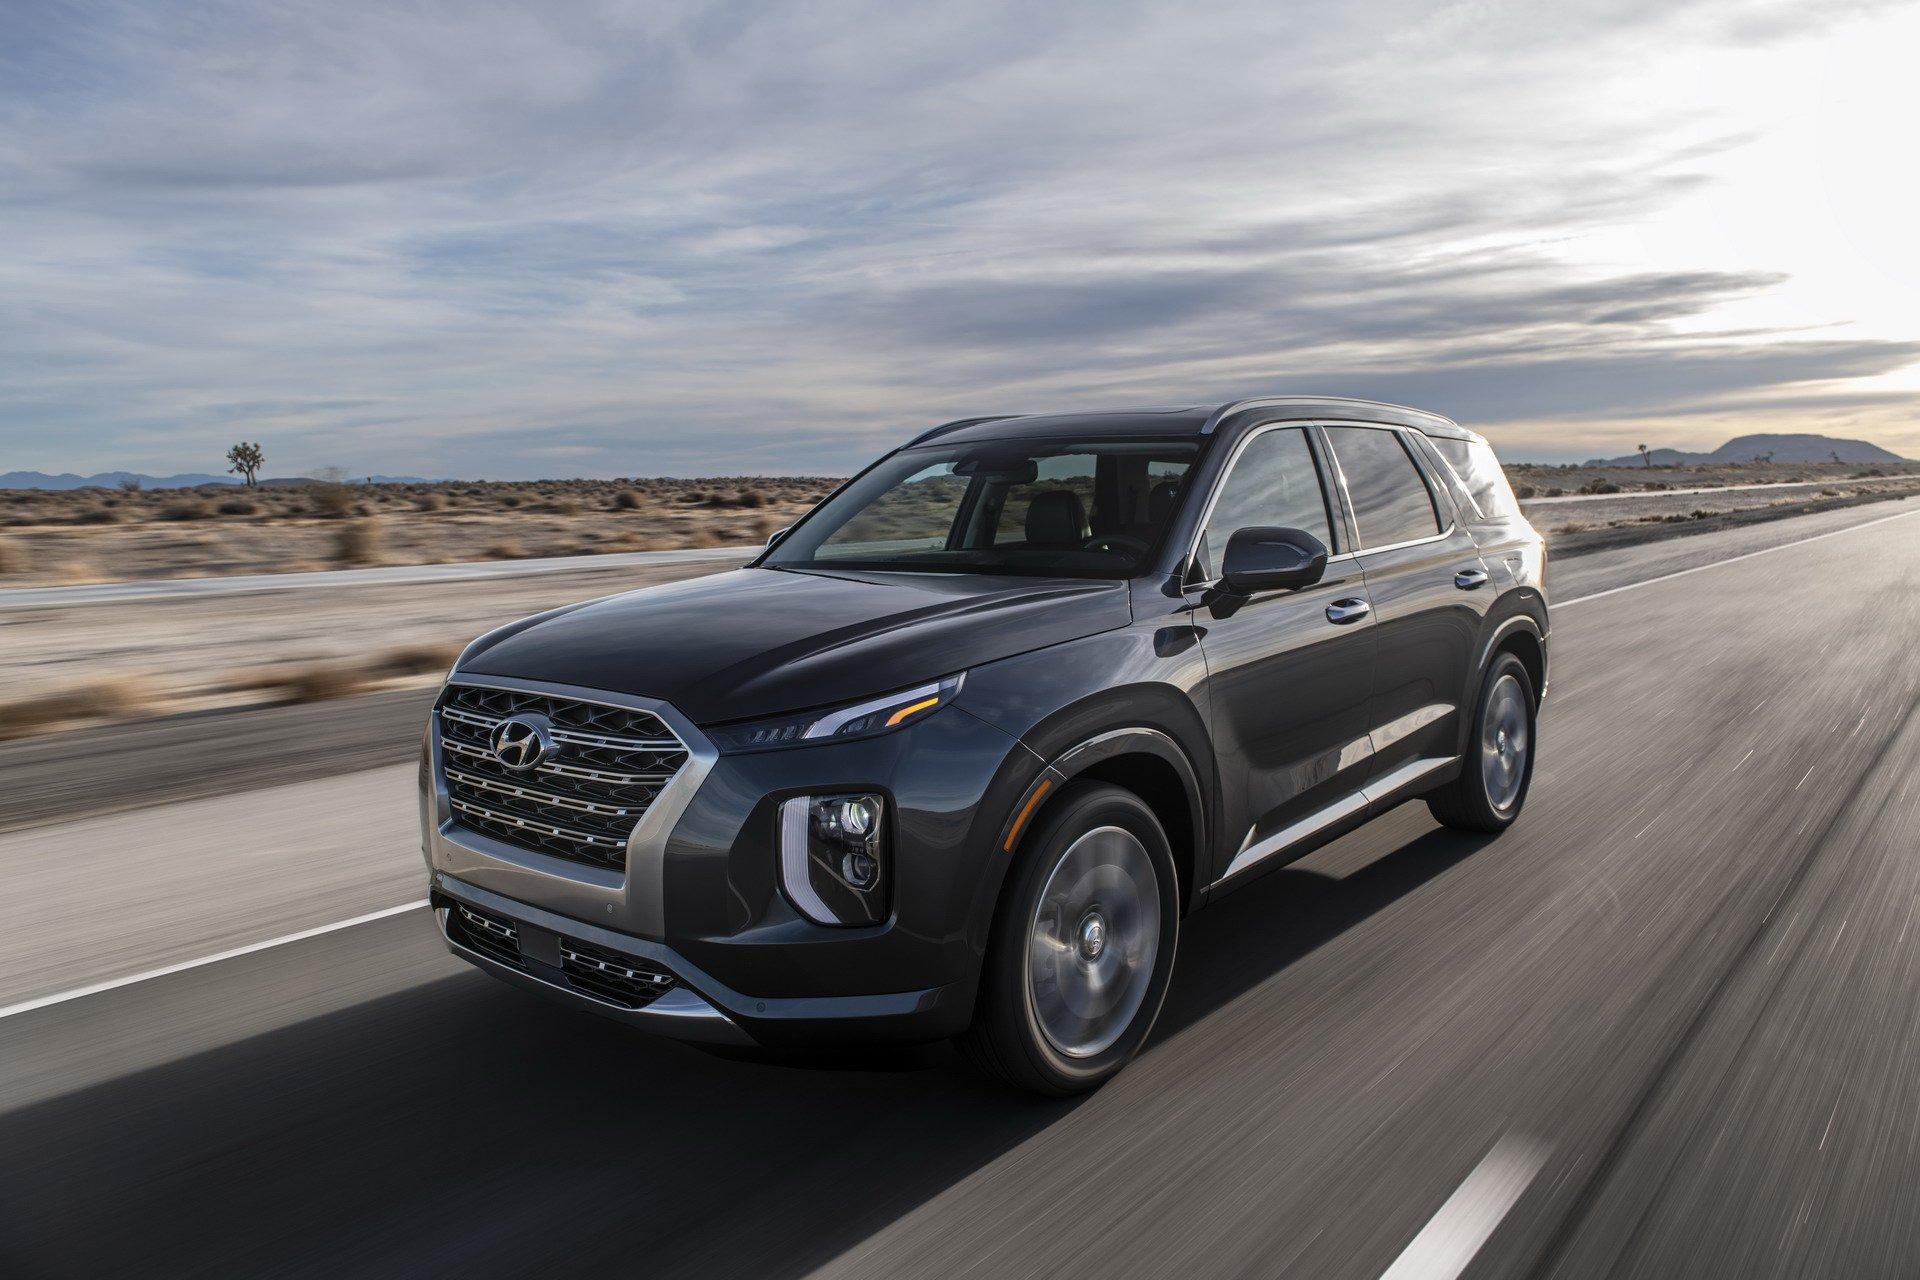 Hyundai-Palisade 2019 (9)